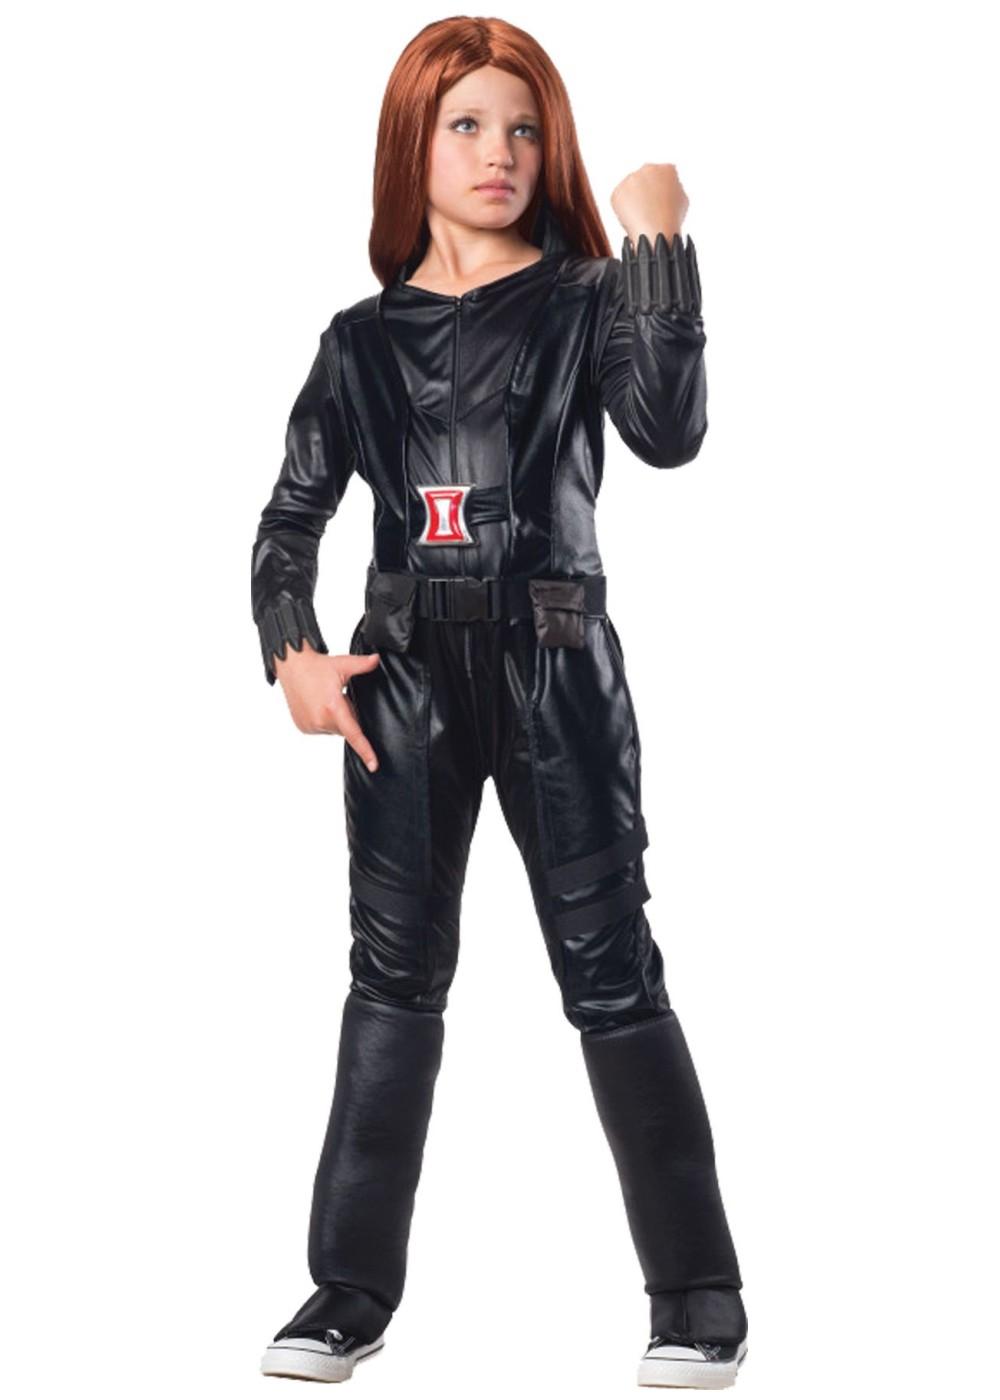 Girl Mascot Costume Wallpaper Marvel Black Widow Girls Costume Girls Costume